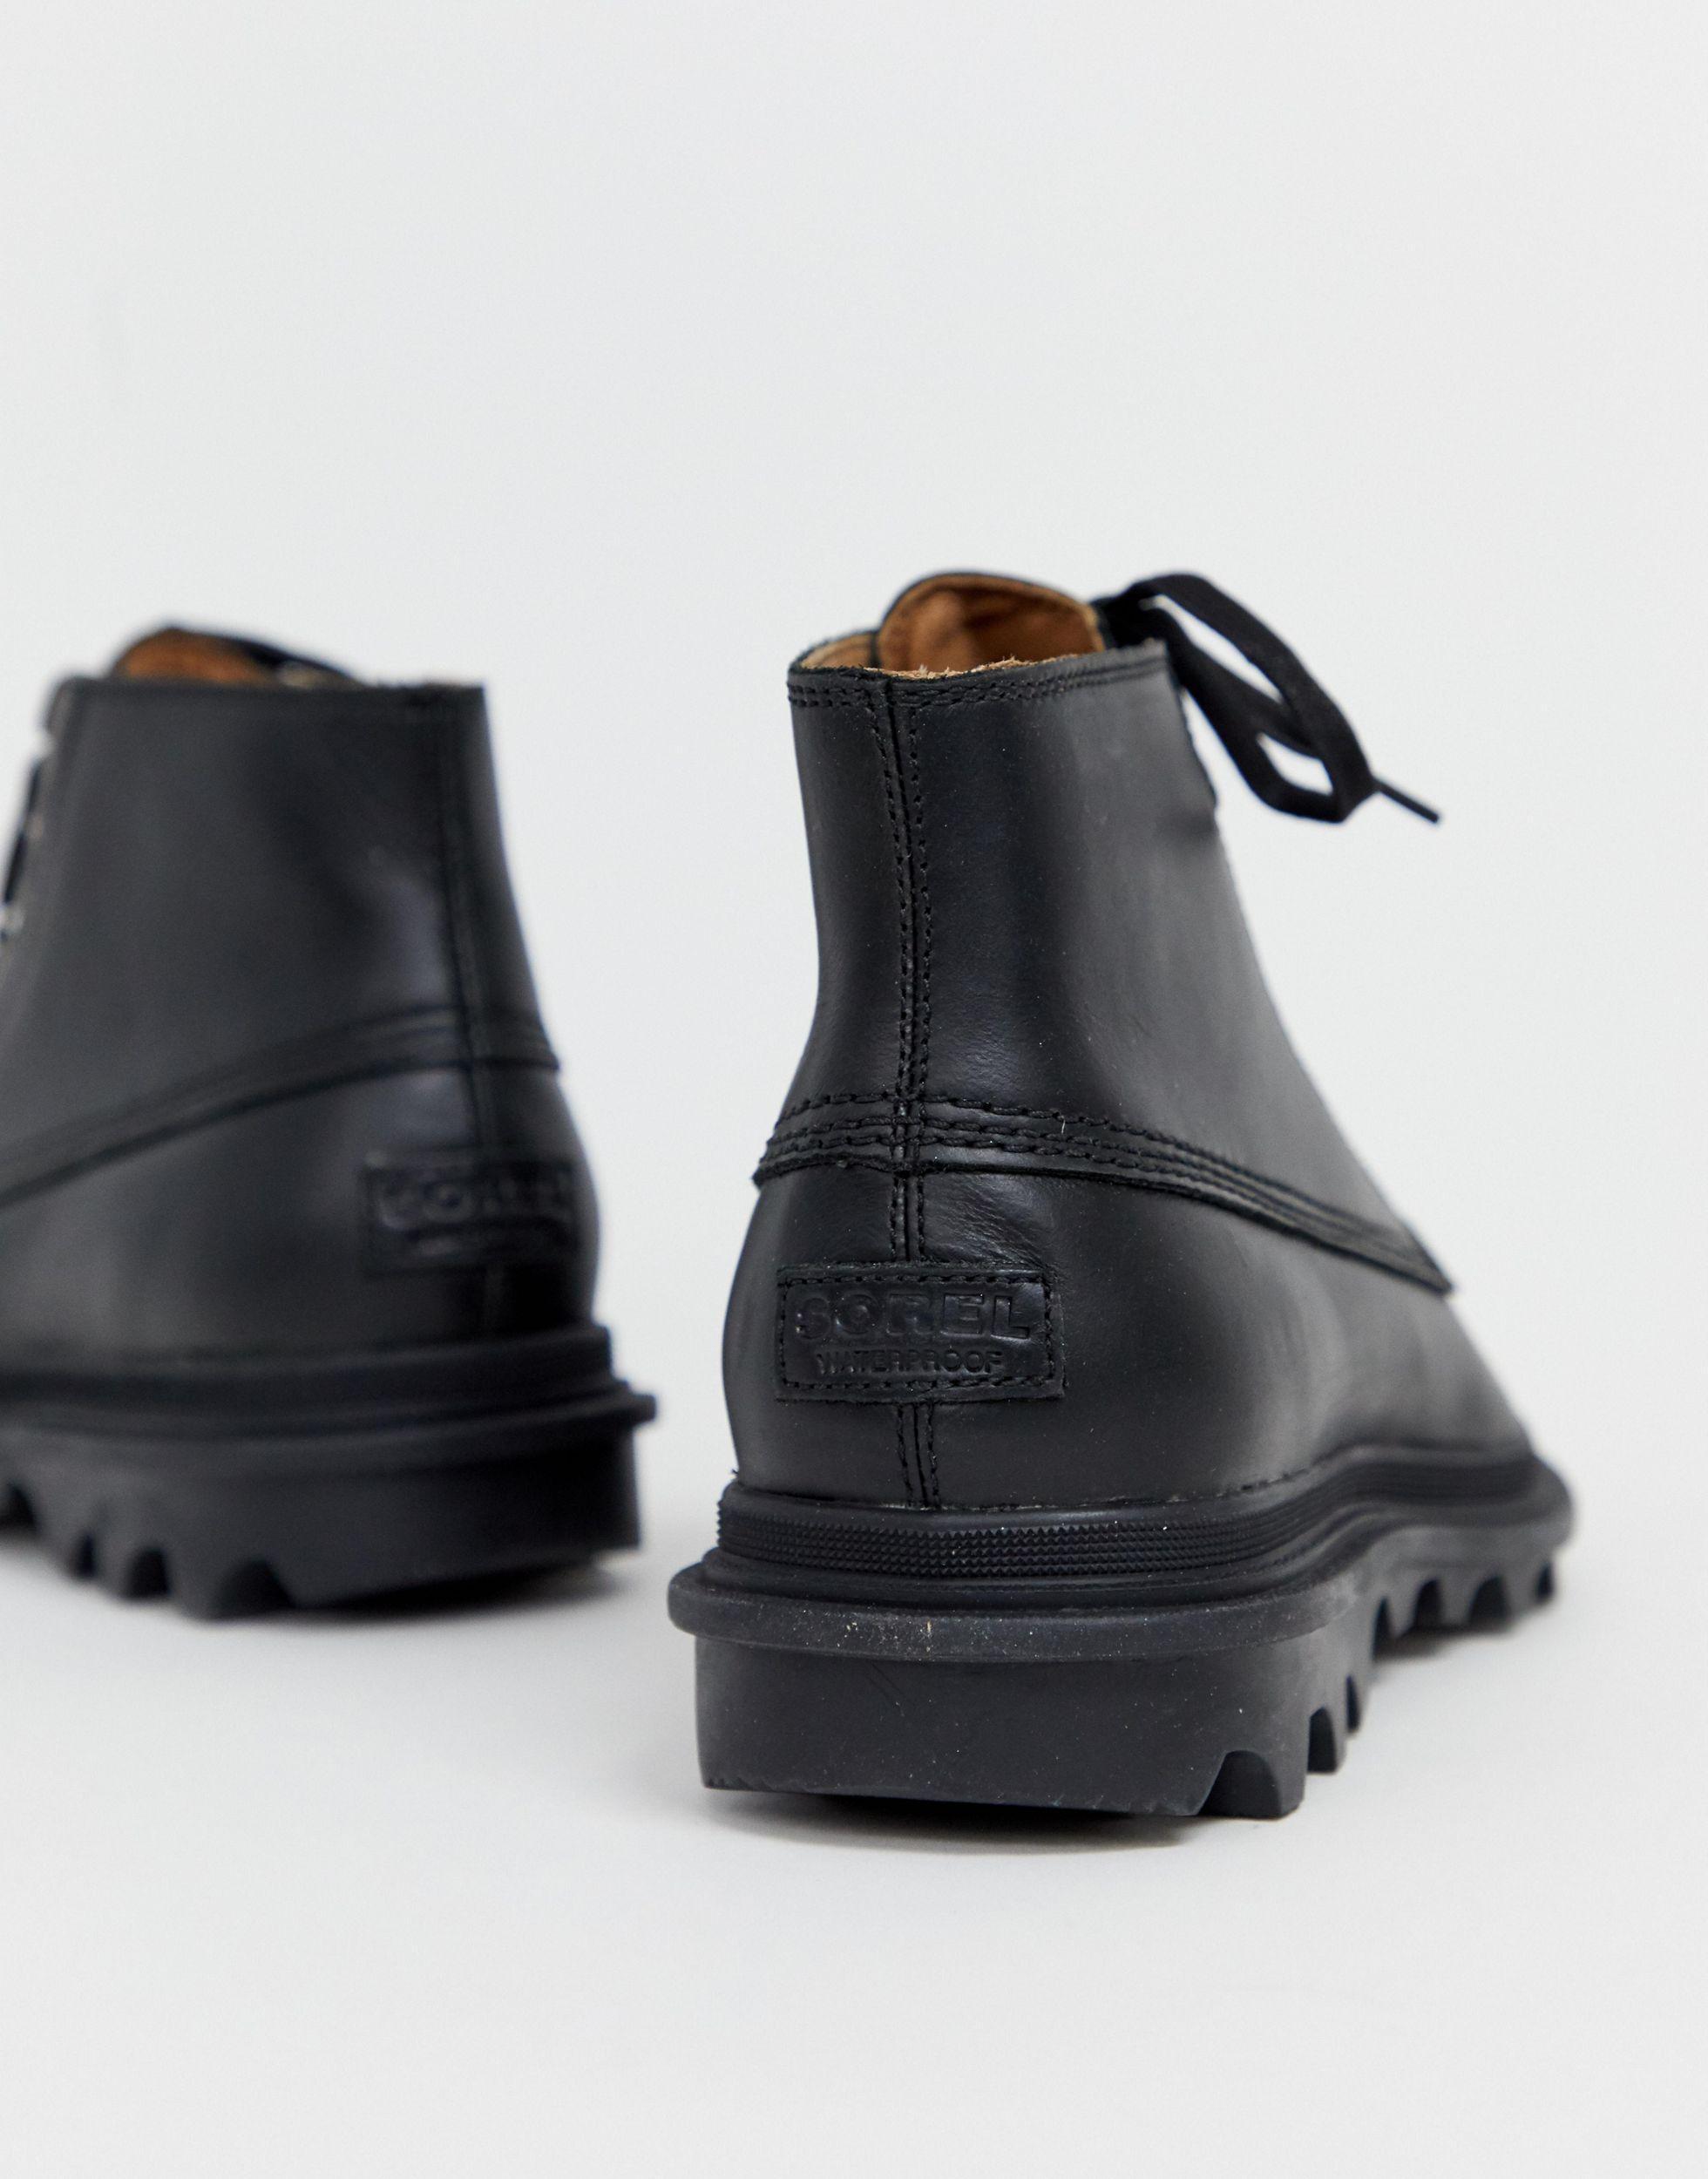 Sorel Canvas Ace Chukka - Waterbestendige Laarzen in het Zwart voor heren